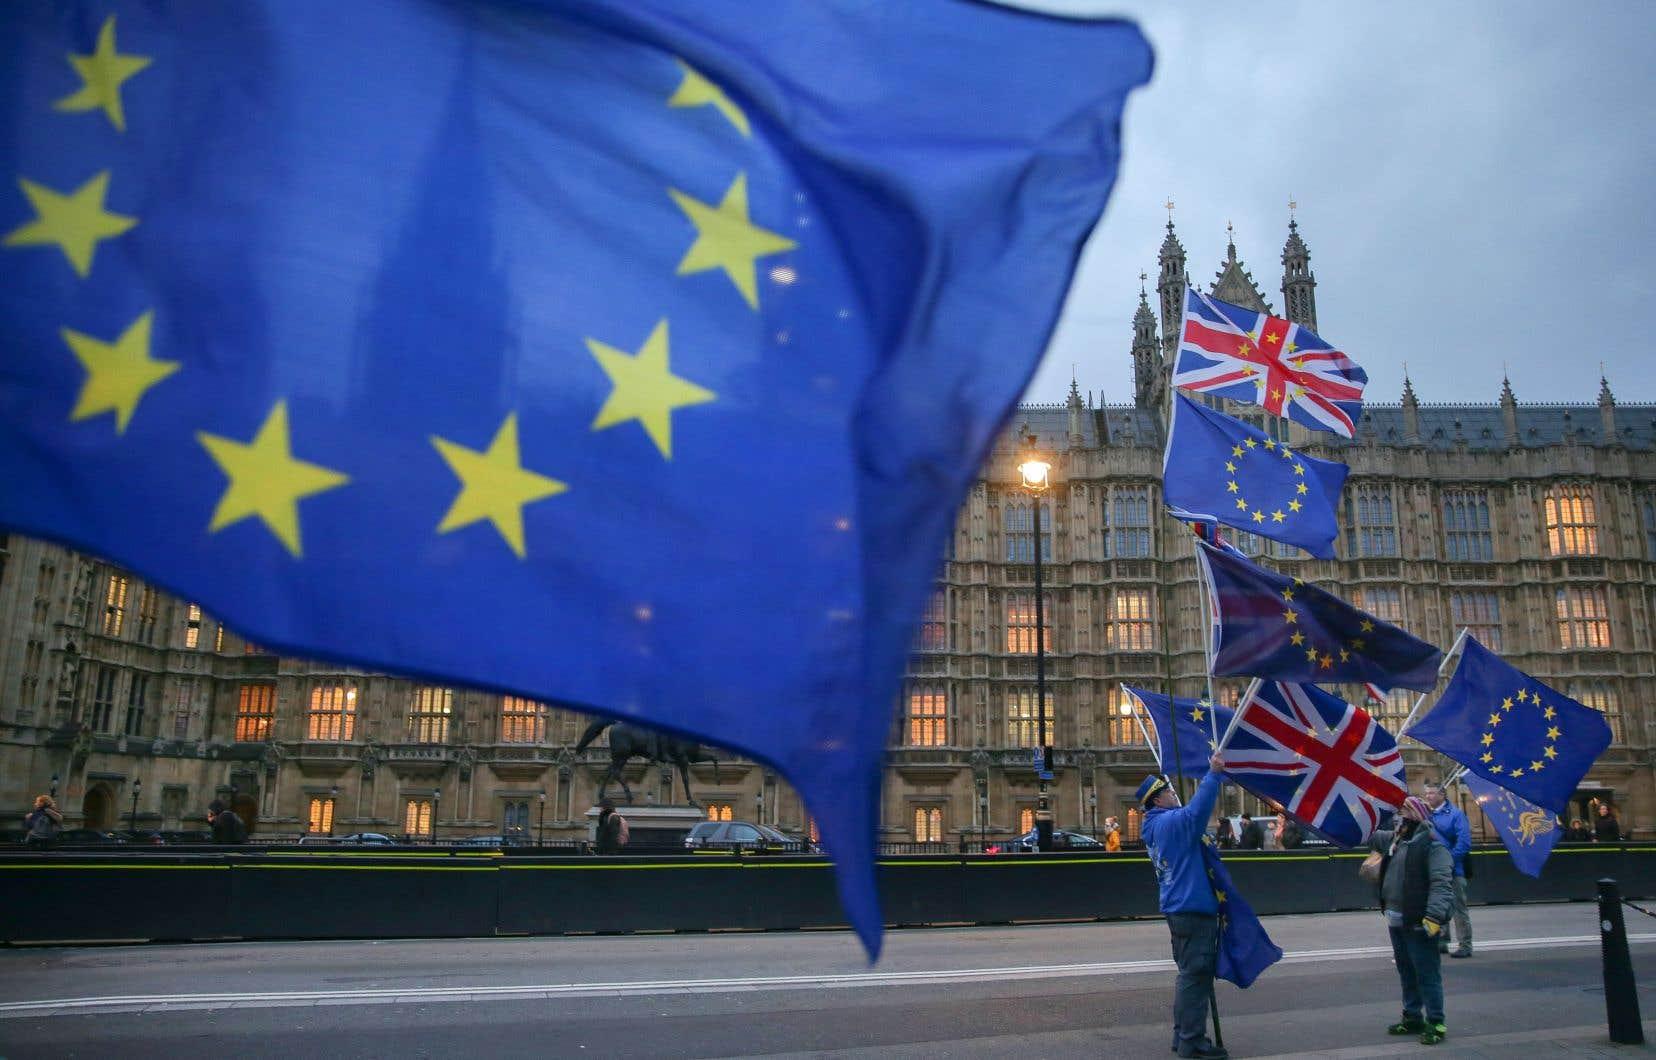 Des opposants au Brexit arboraient les drapeaux européen et britannique à l'extérieur du parlement, lundi à Londres.